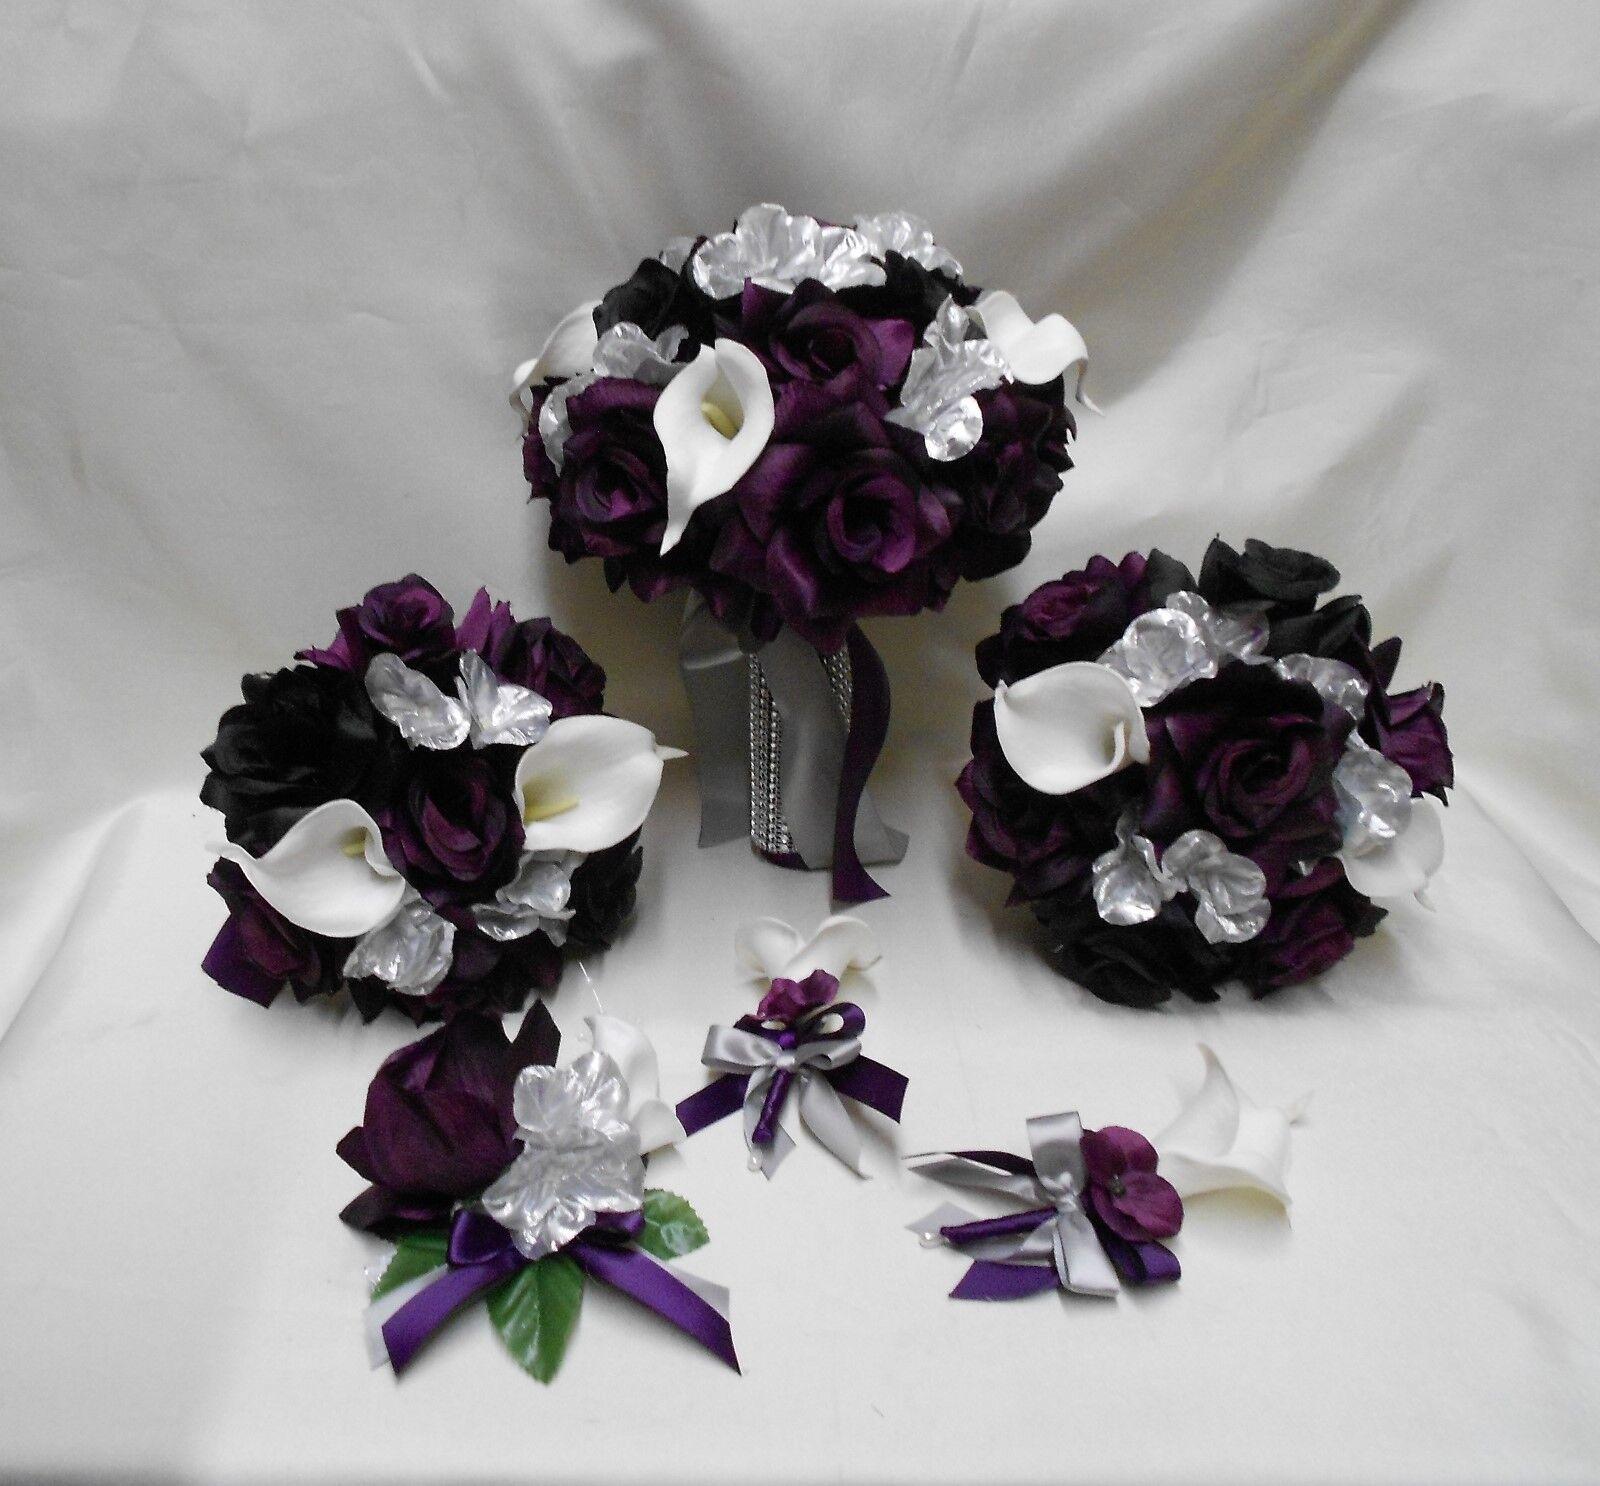 Soie Fleur Mariage Bridal Bouquet Violet Prune Aubergine Argent Calla Lily 18 pcs